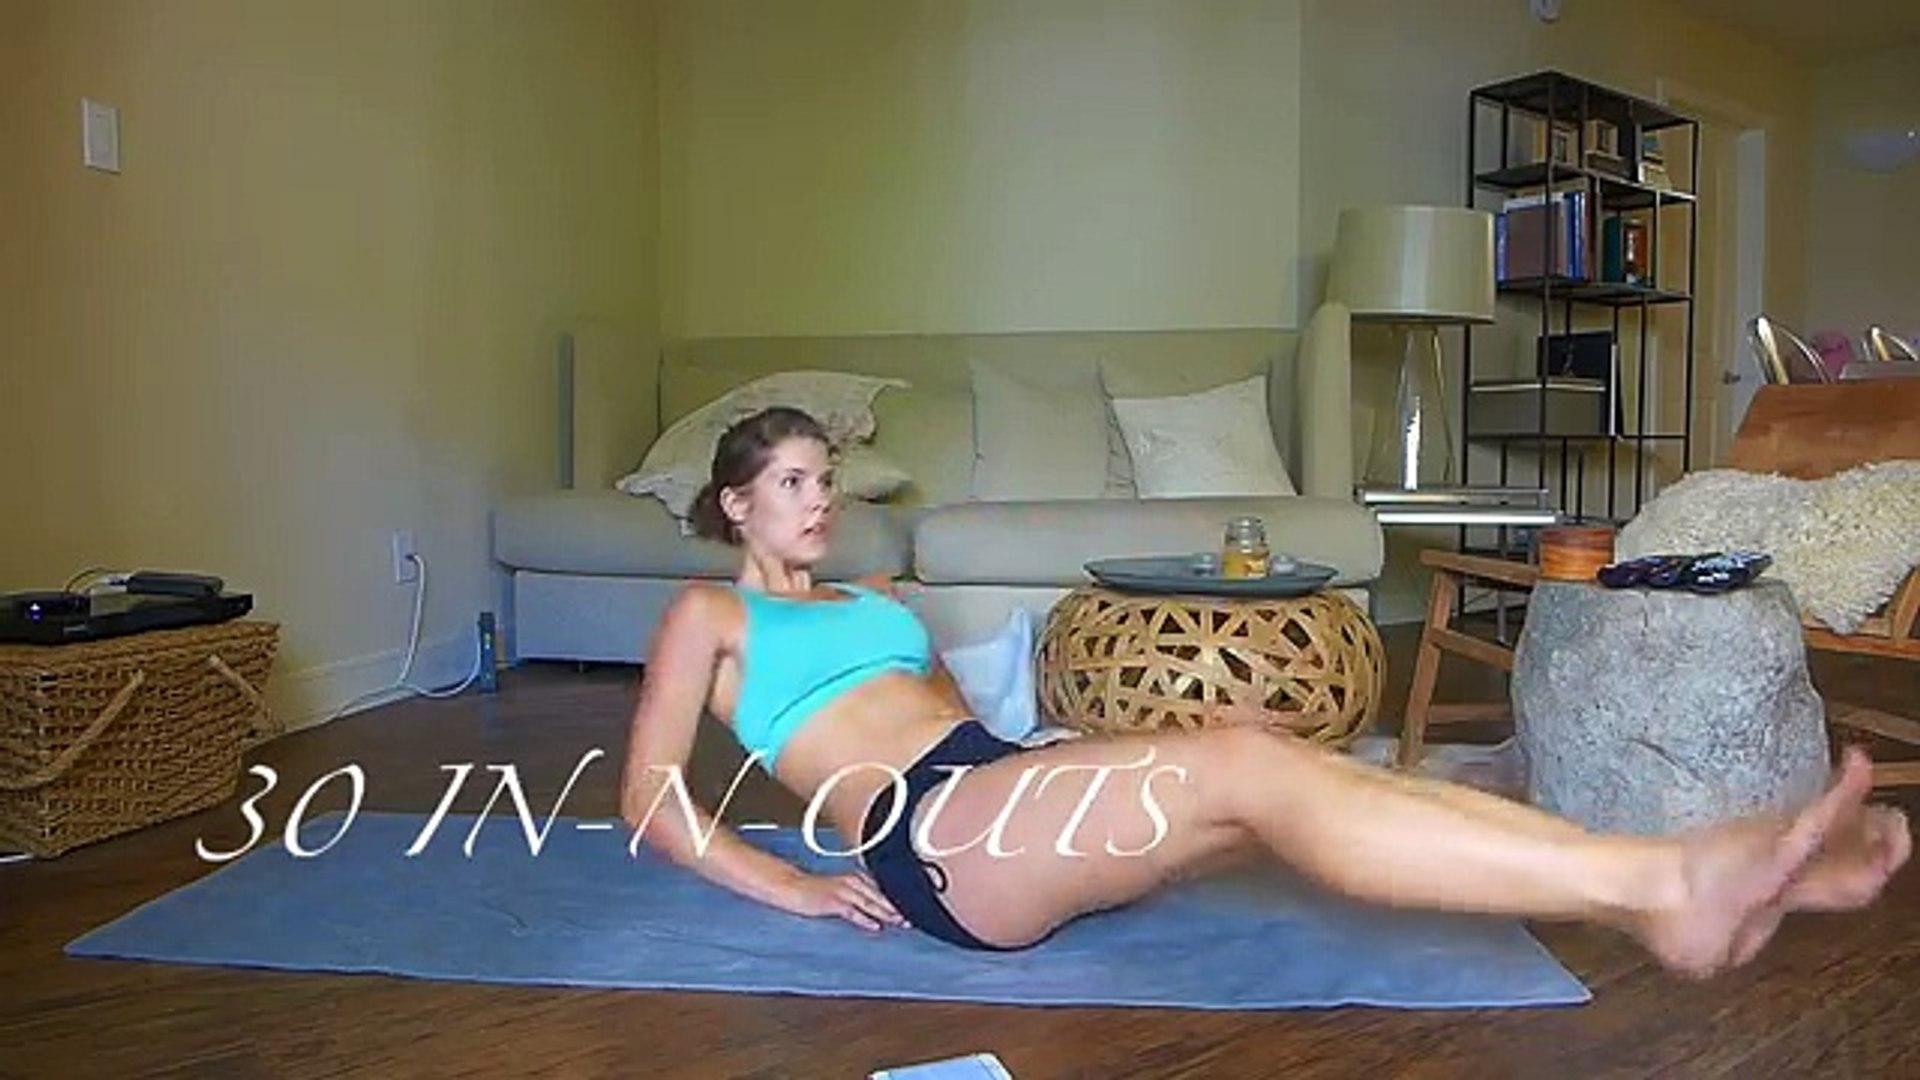 Butt amanda cerny Amanda Cerny